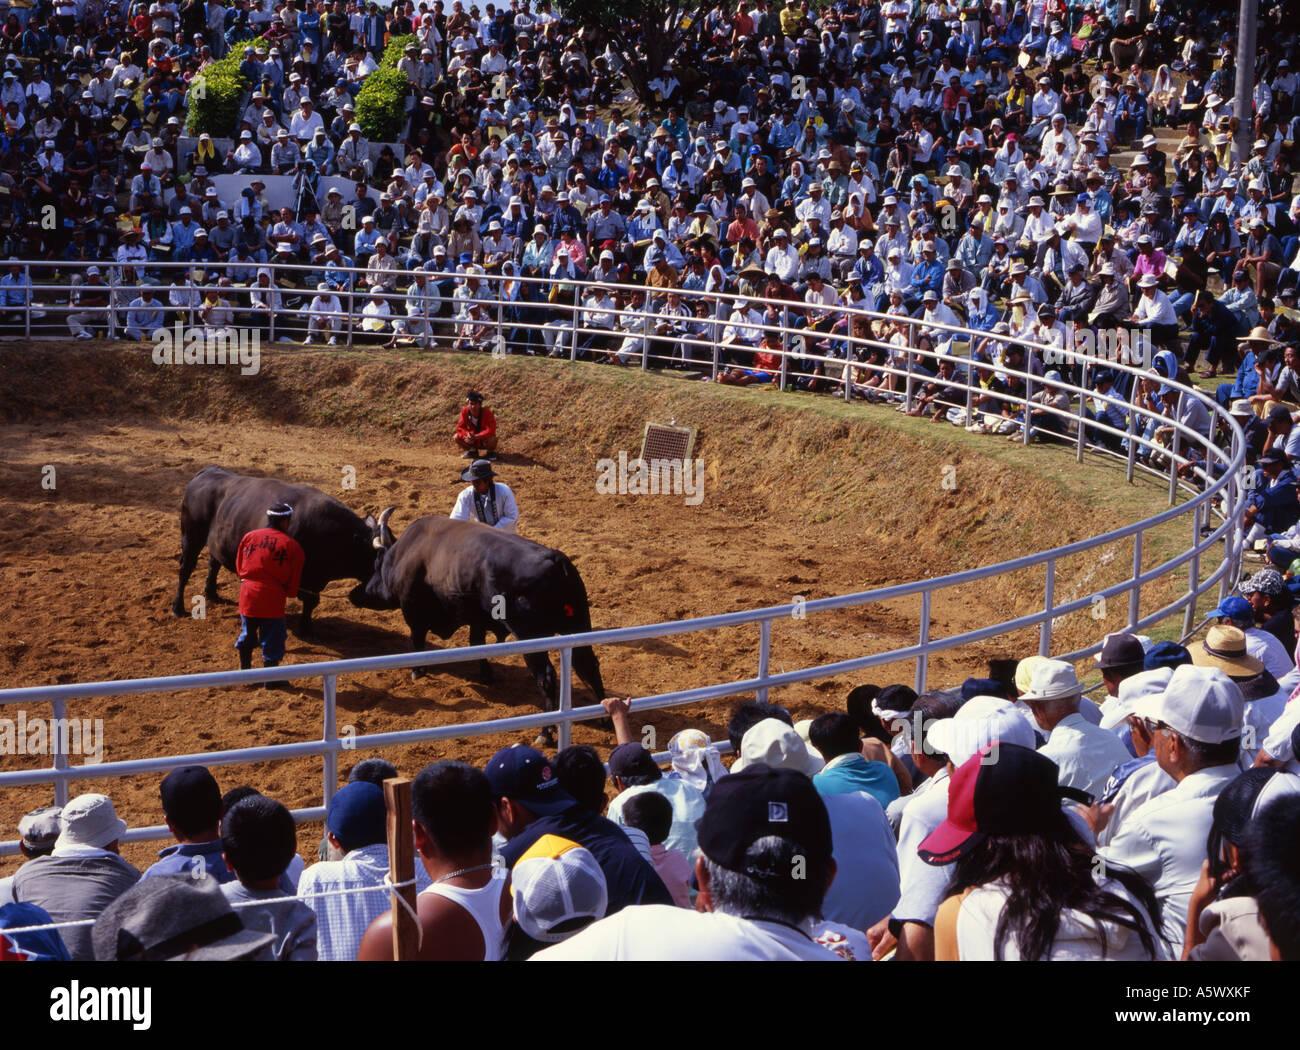 Okinawa Stierkampf - schieben sich näher zum Sumo als spanischen Stierkampf die Bulls gegenseitig bis man dreht Stockfoto